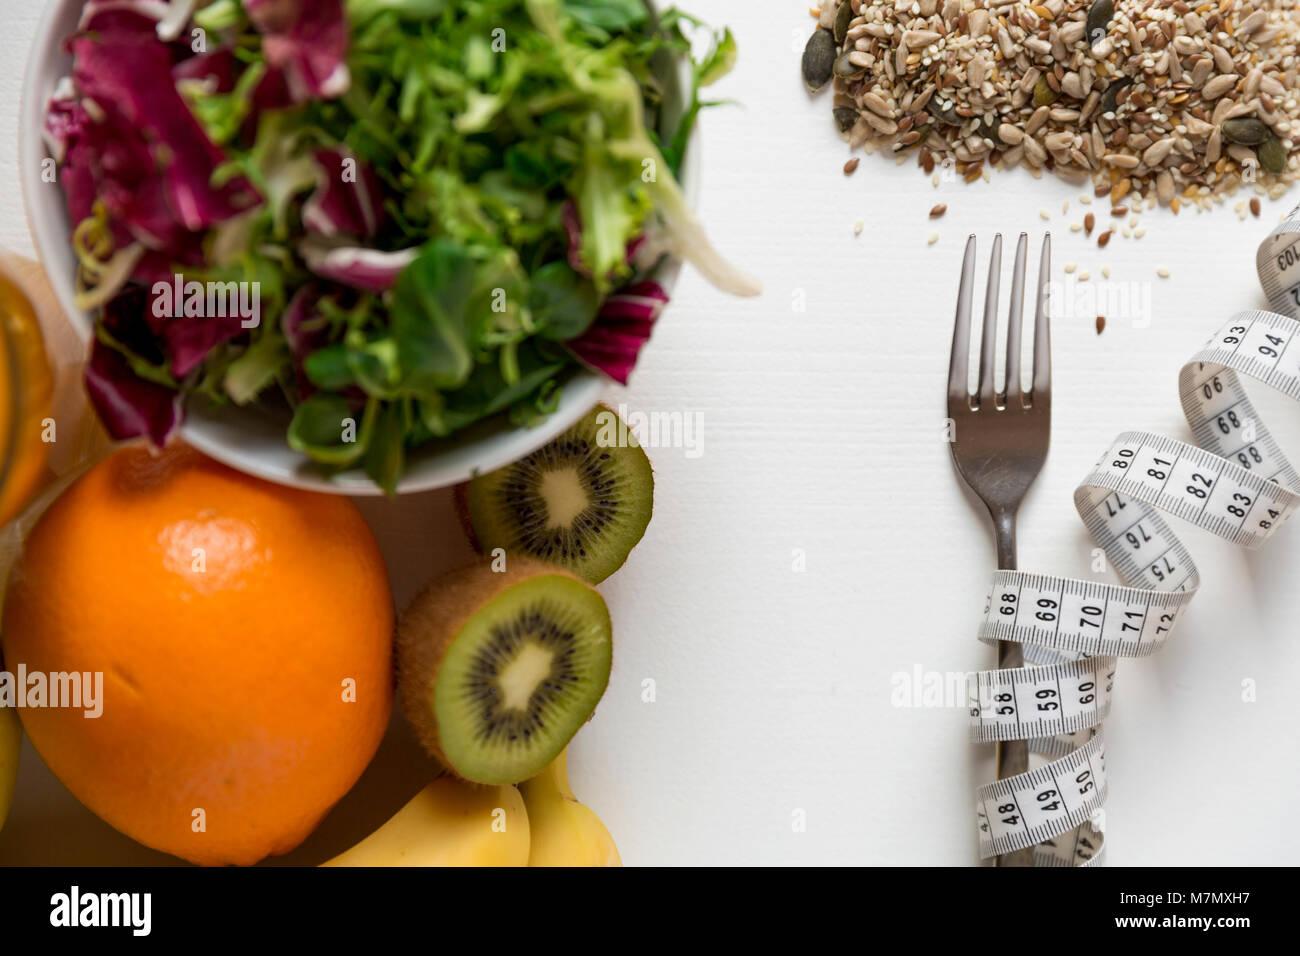 Frutas y verduras saludables,cinta métrica alrededor de la horquilla. La pérdida de peso y nutrición Imagen De Stock